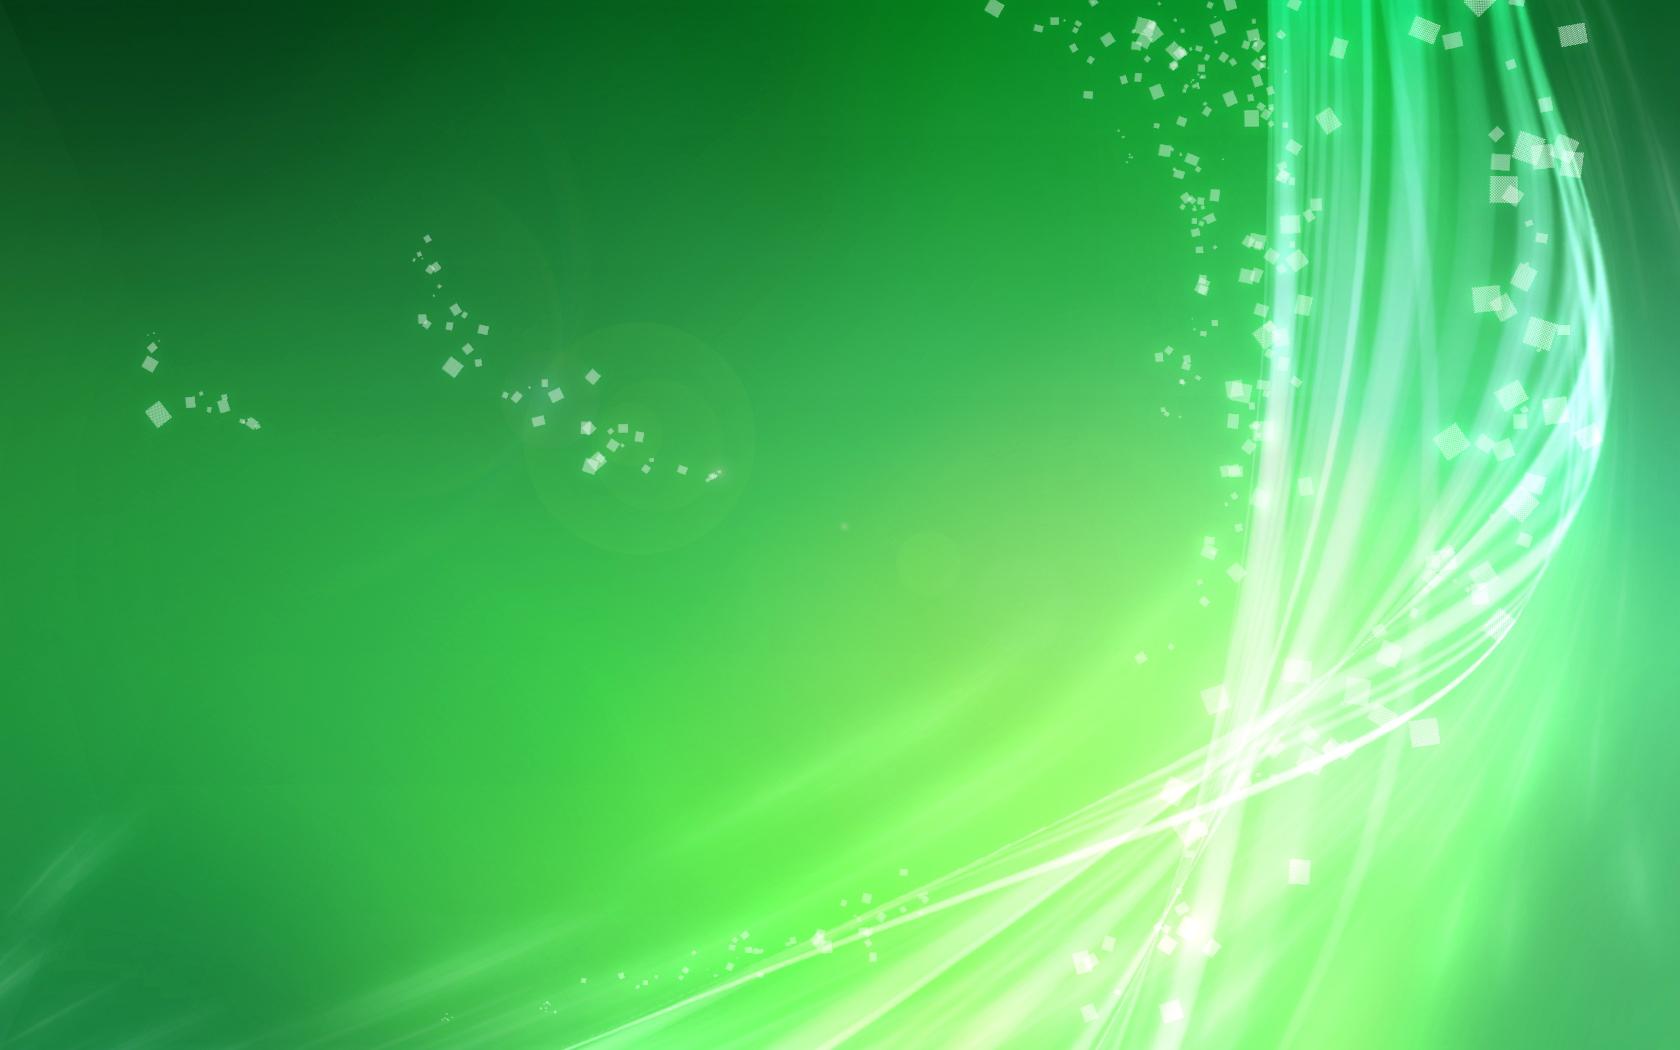 Light Green Abstract   Wallpaper 200 1680x1050